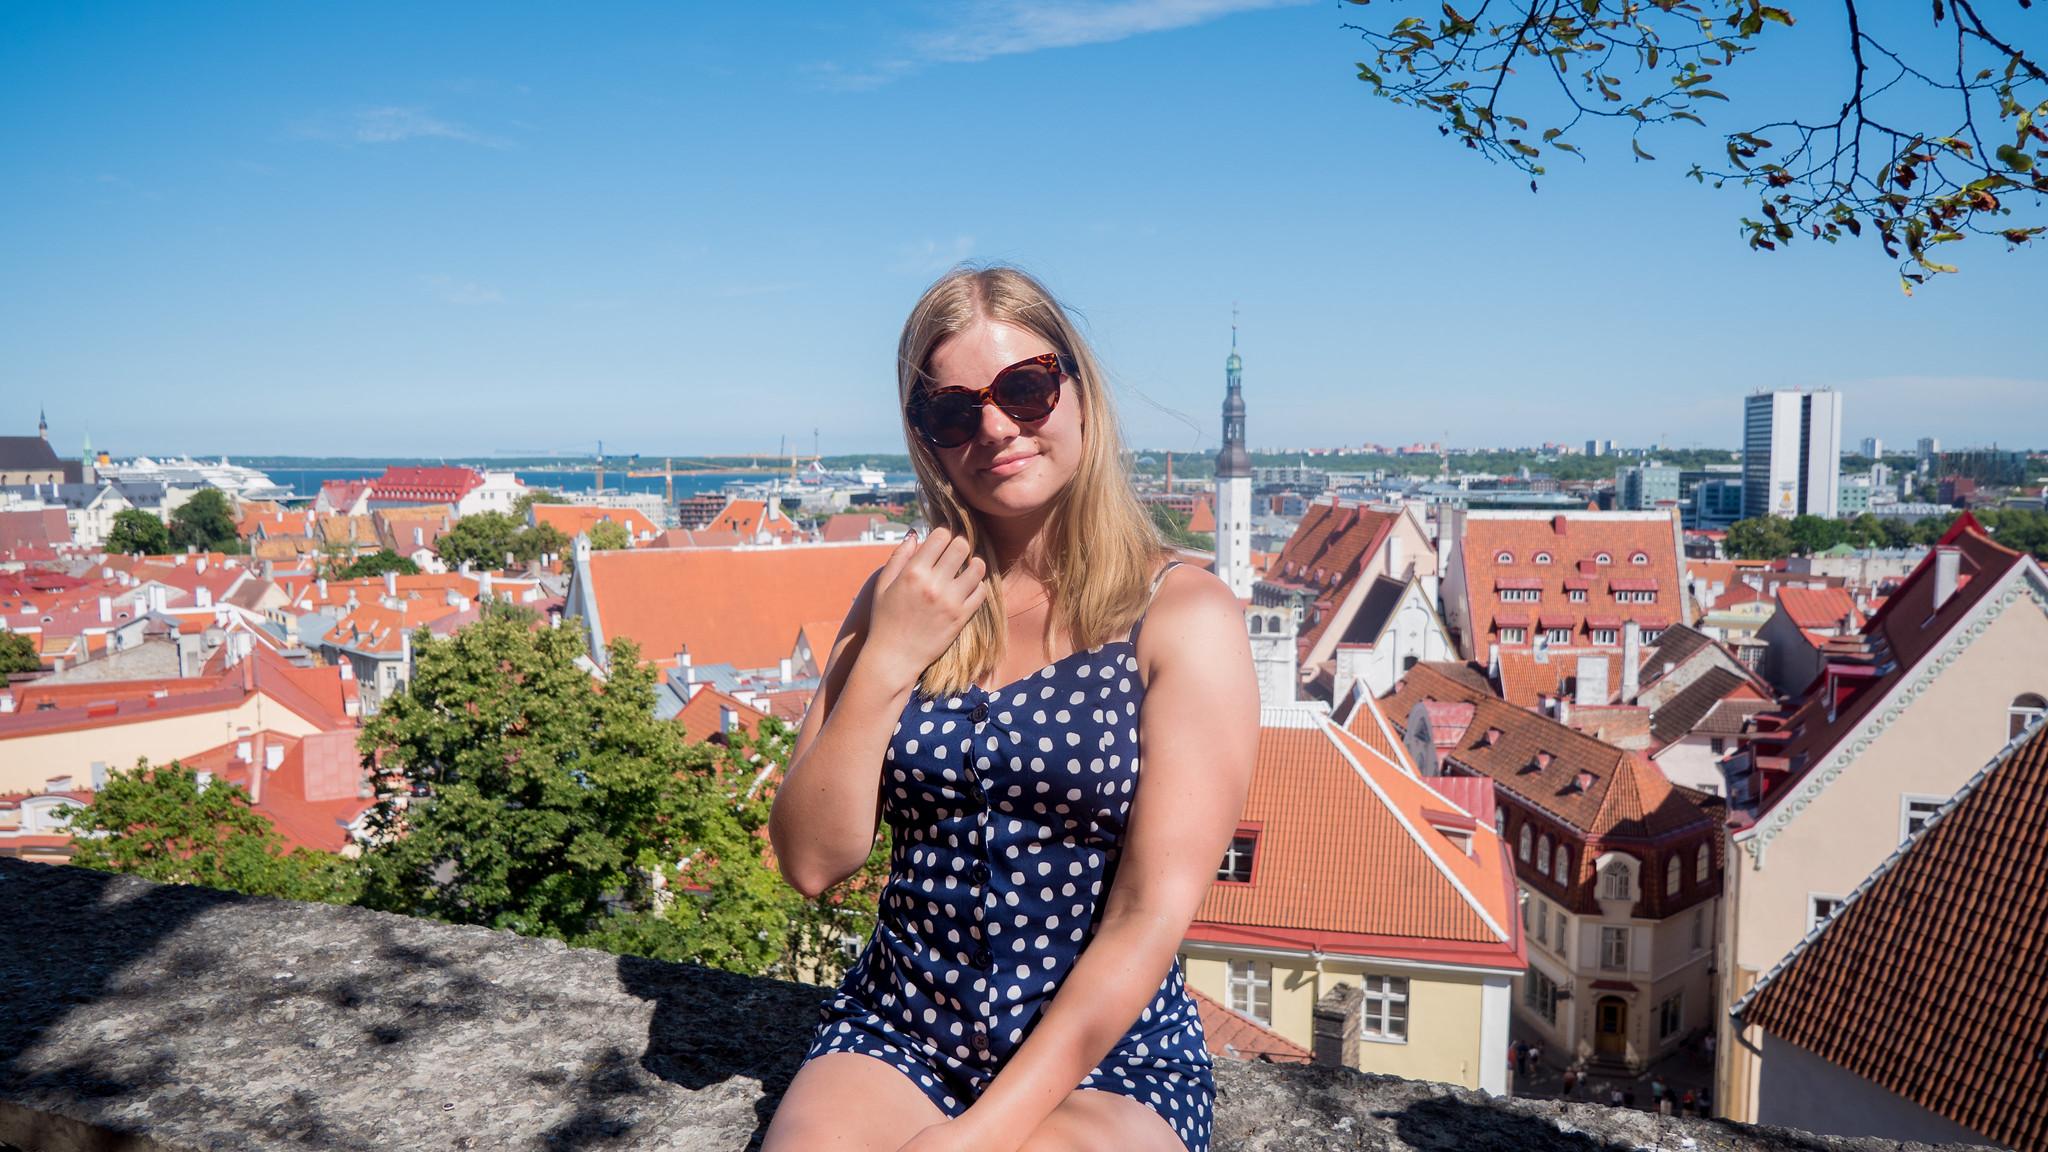 Tallinna (3 of 4)